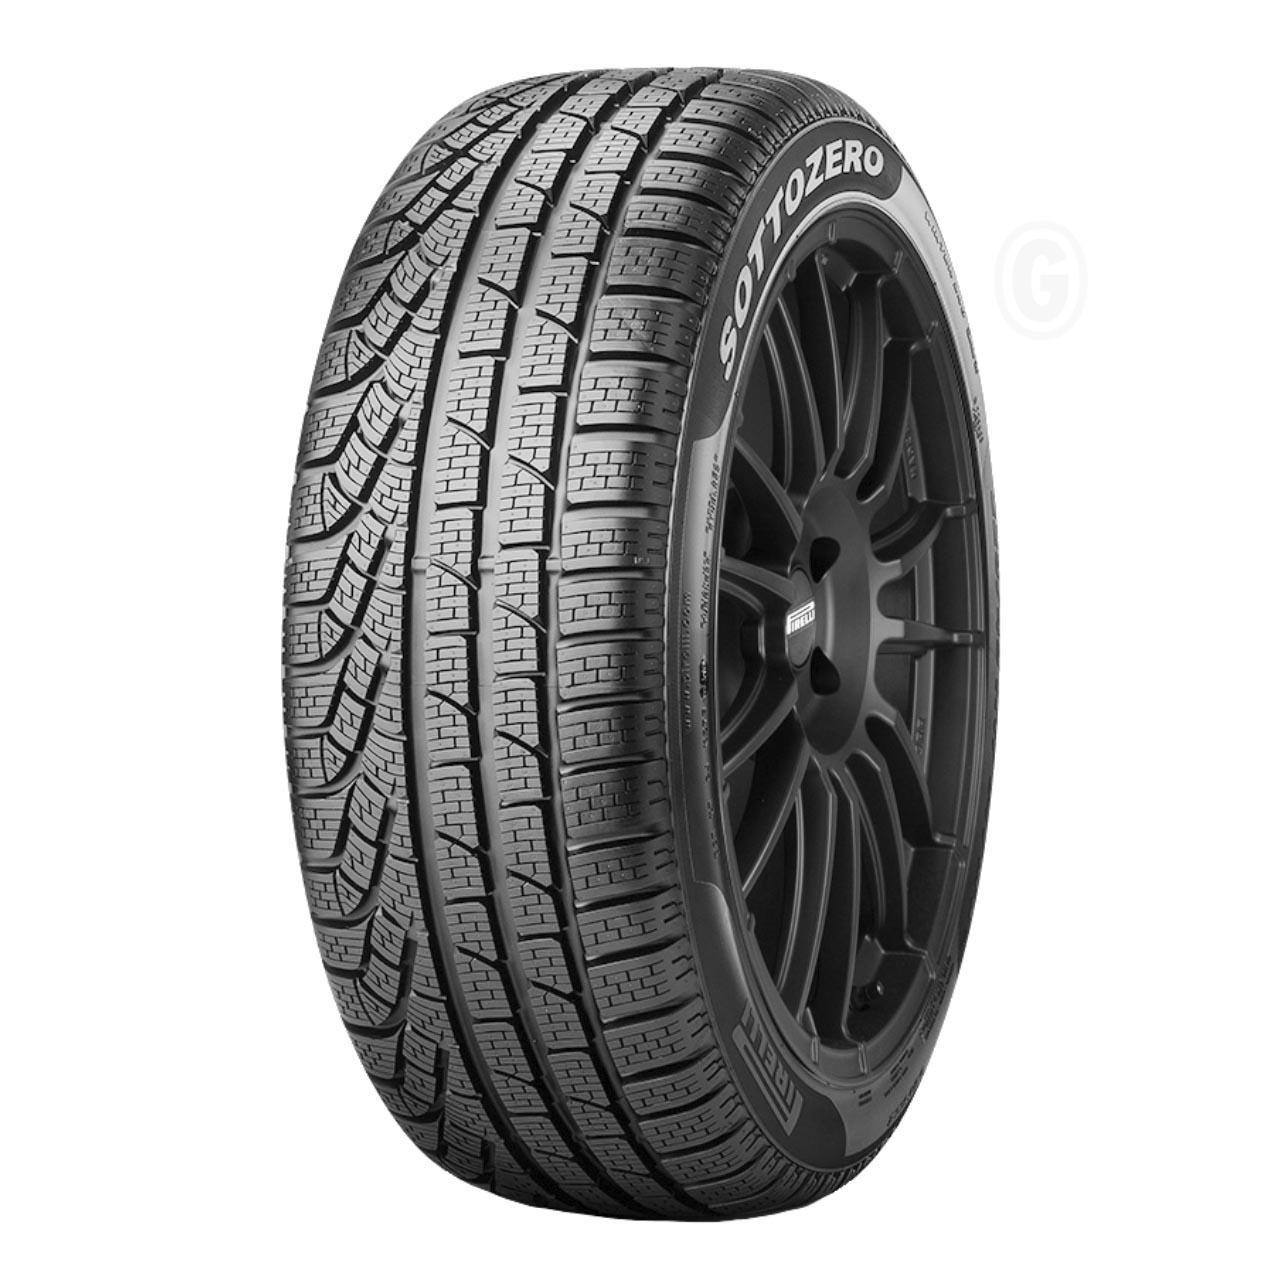 Pirelli Winter 270 Sottozero 2 305/30R20 103W XL MO